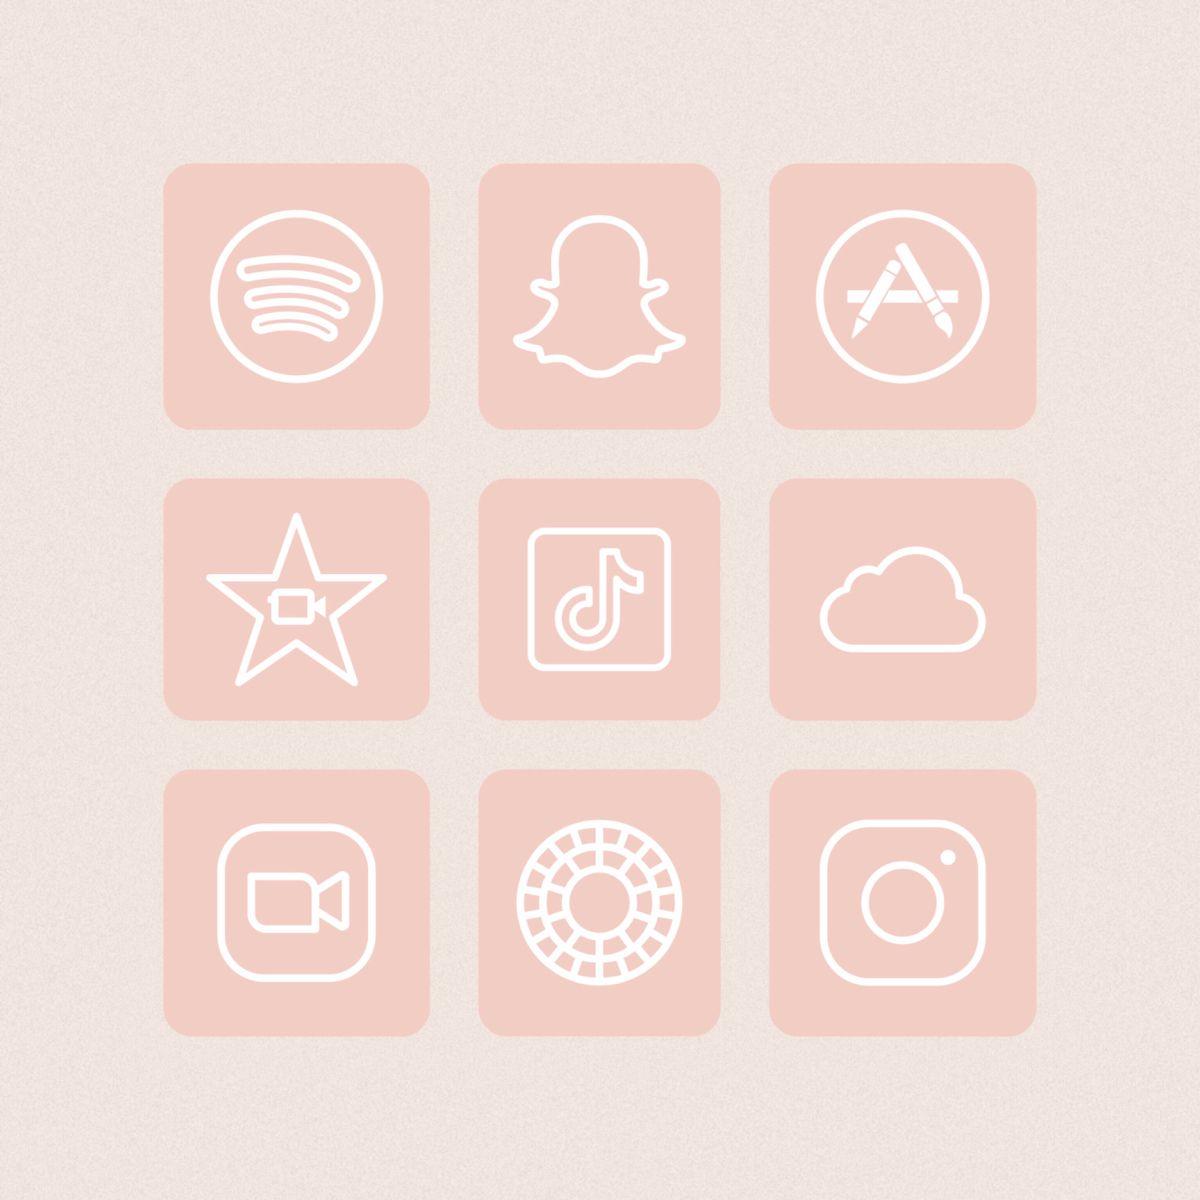 Ios 14 Como Cambiar Iconos De Apps Vectores Gratis The Media Style Peach App Ios App Iphone Iphone App Design